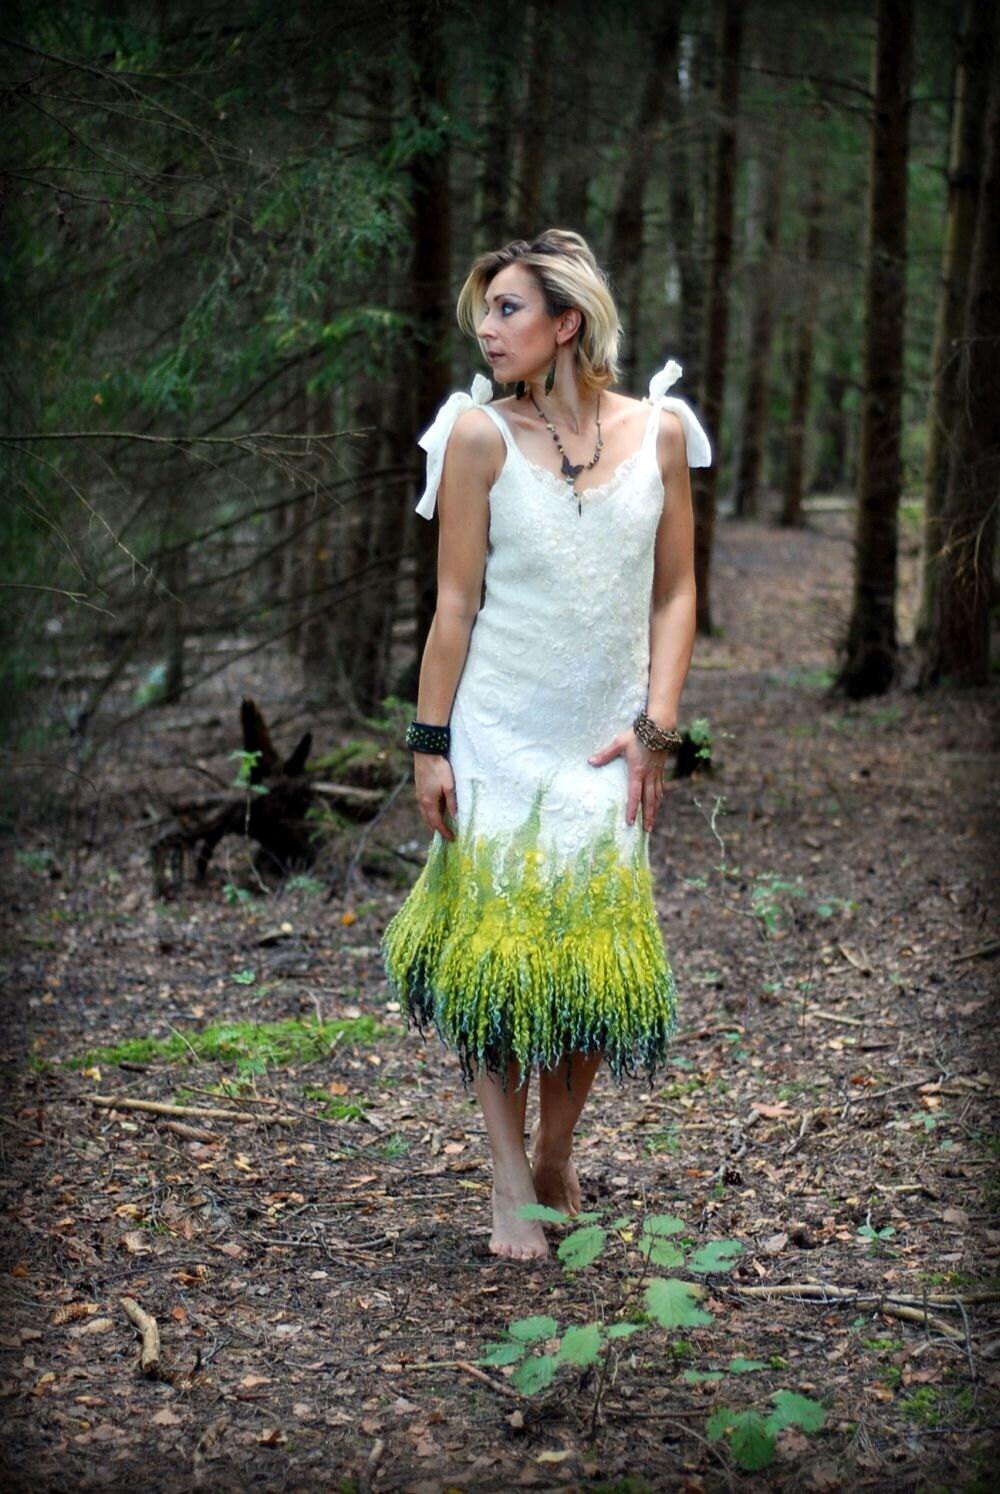 Gefilzte weißes Kleid alternative Hochzeit Kleid einzigartige